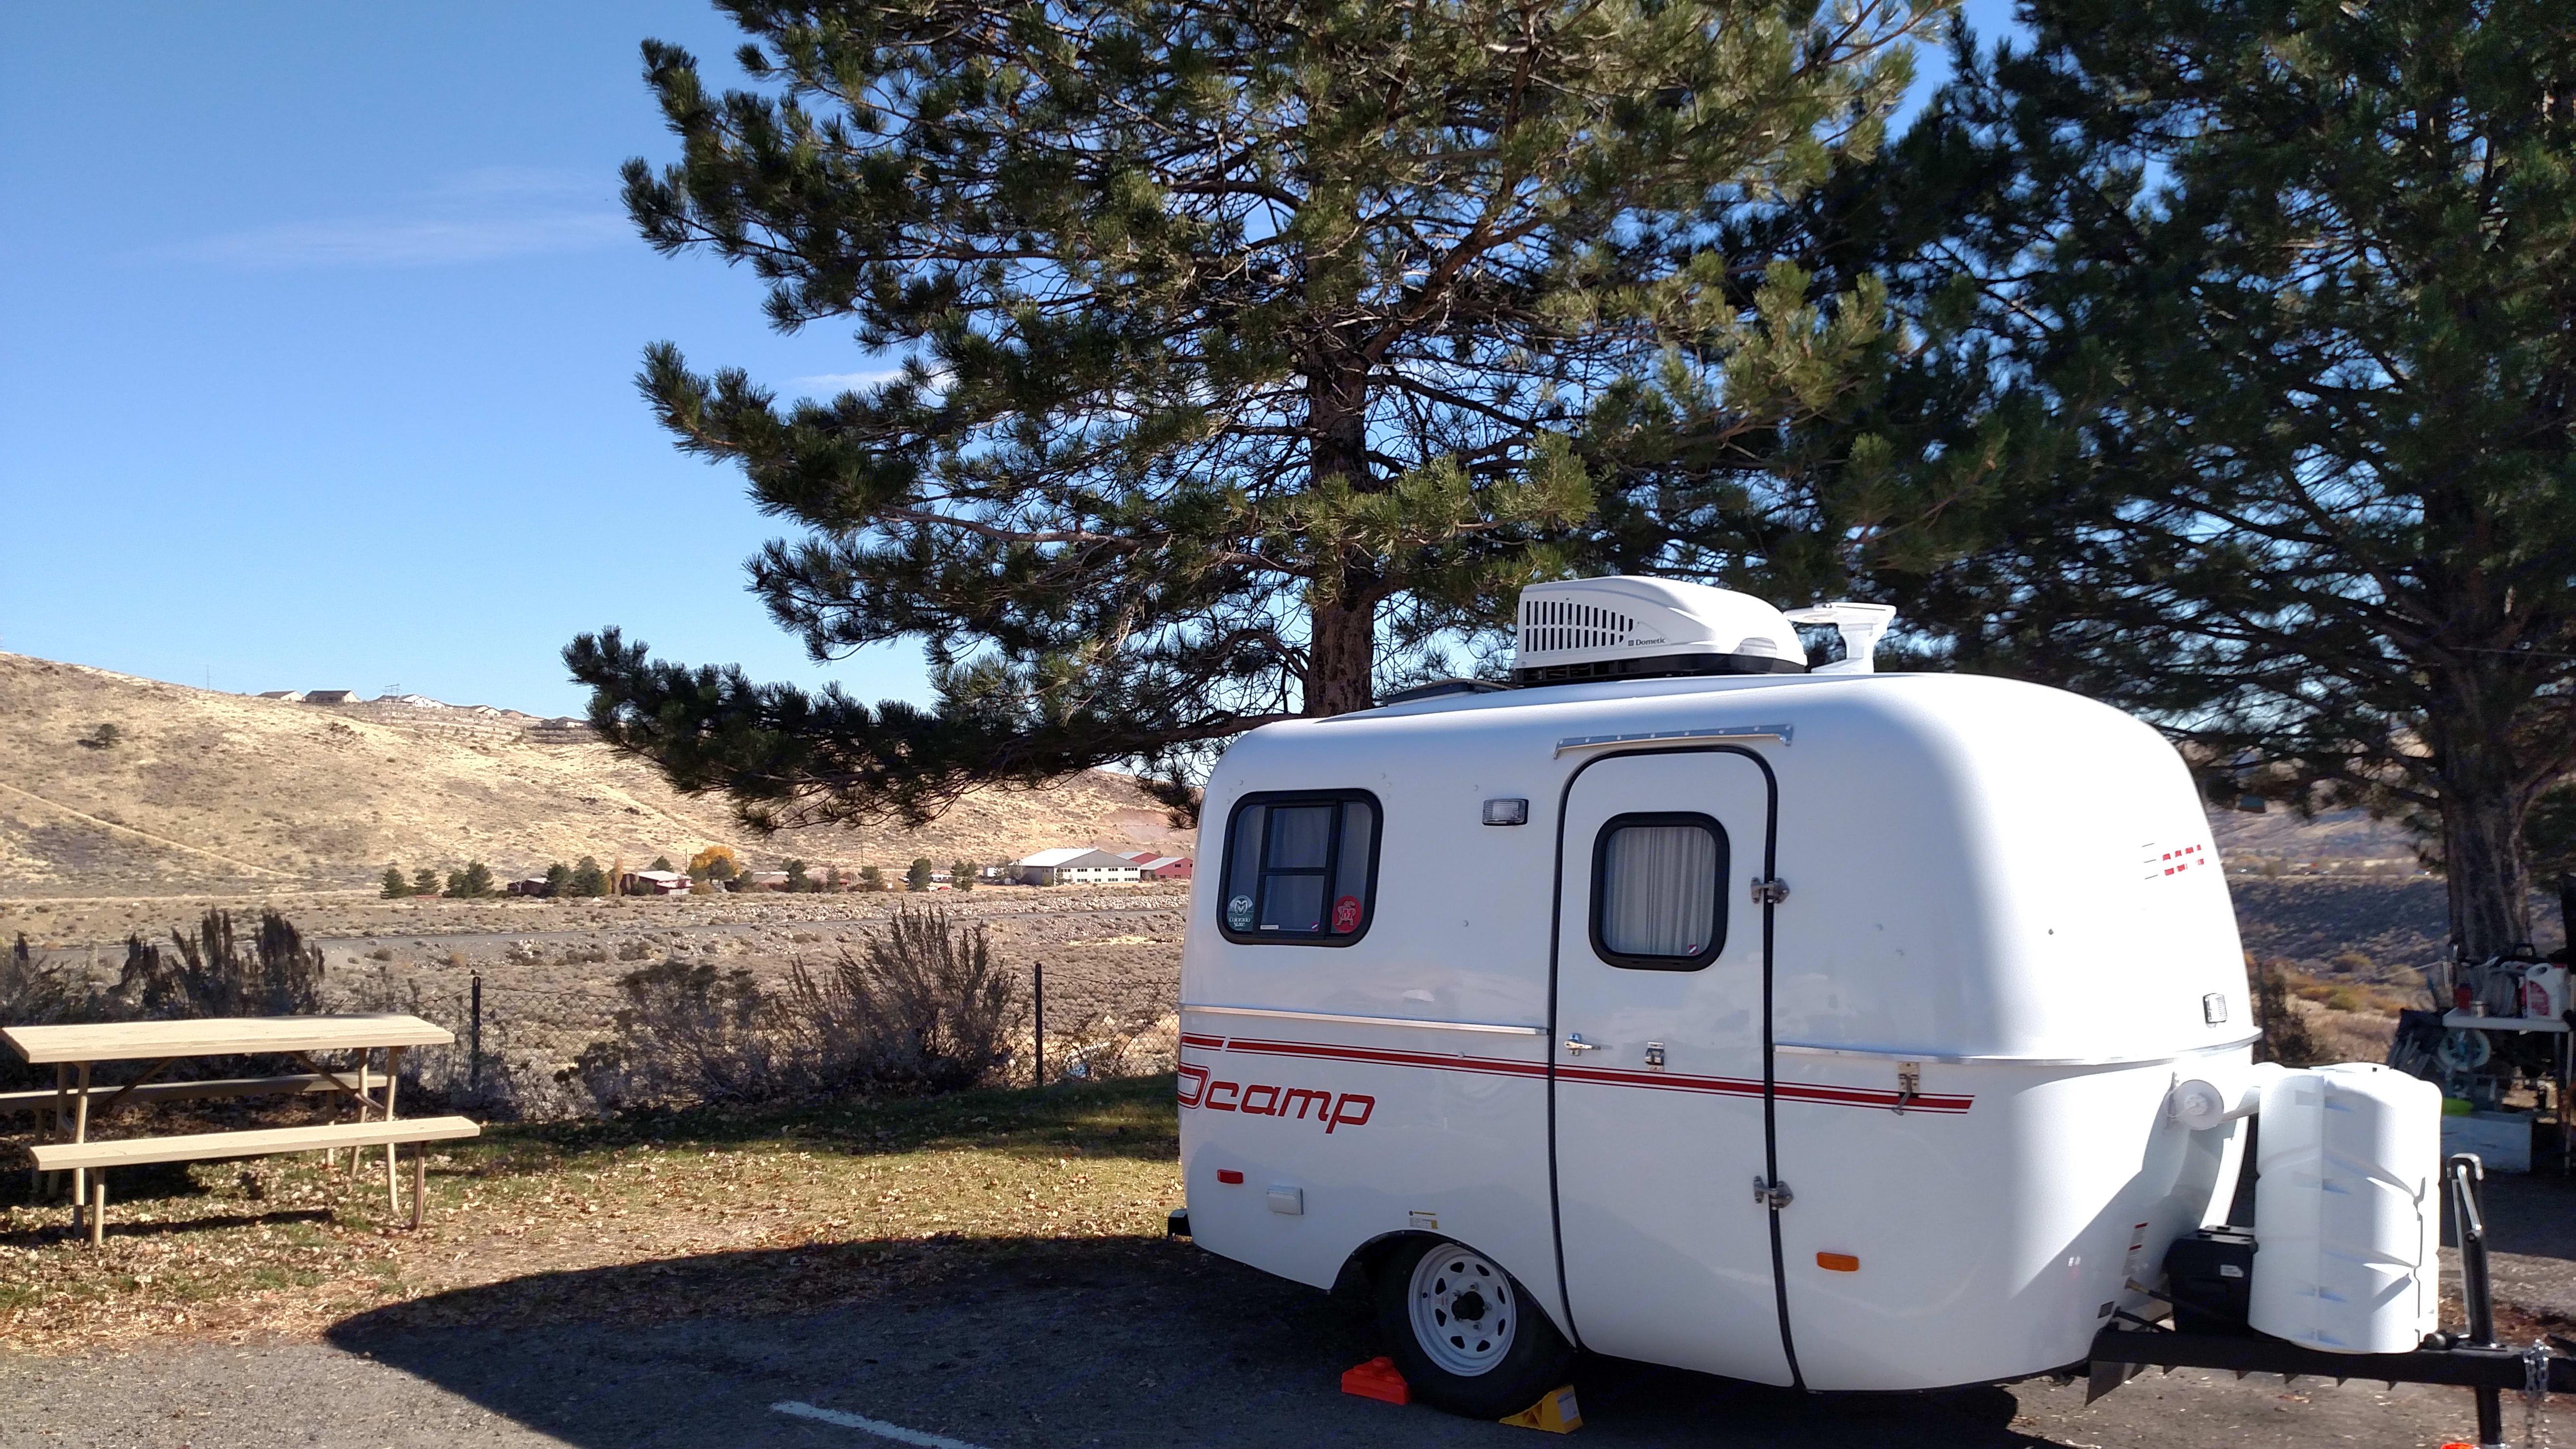 13' fiberglass trailer weighs 2000#. Scamp 13' 2016